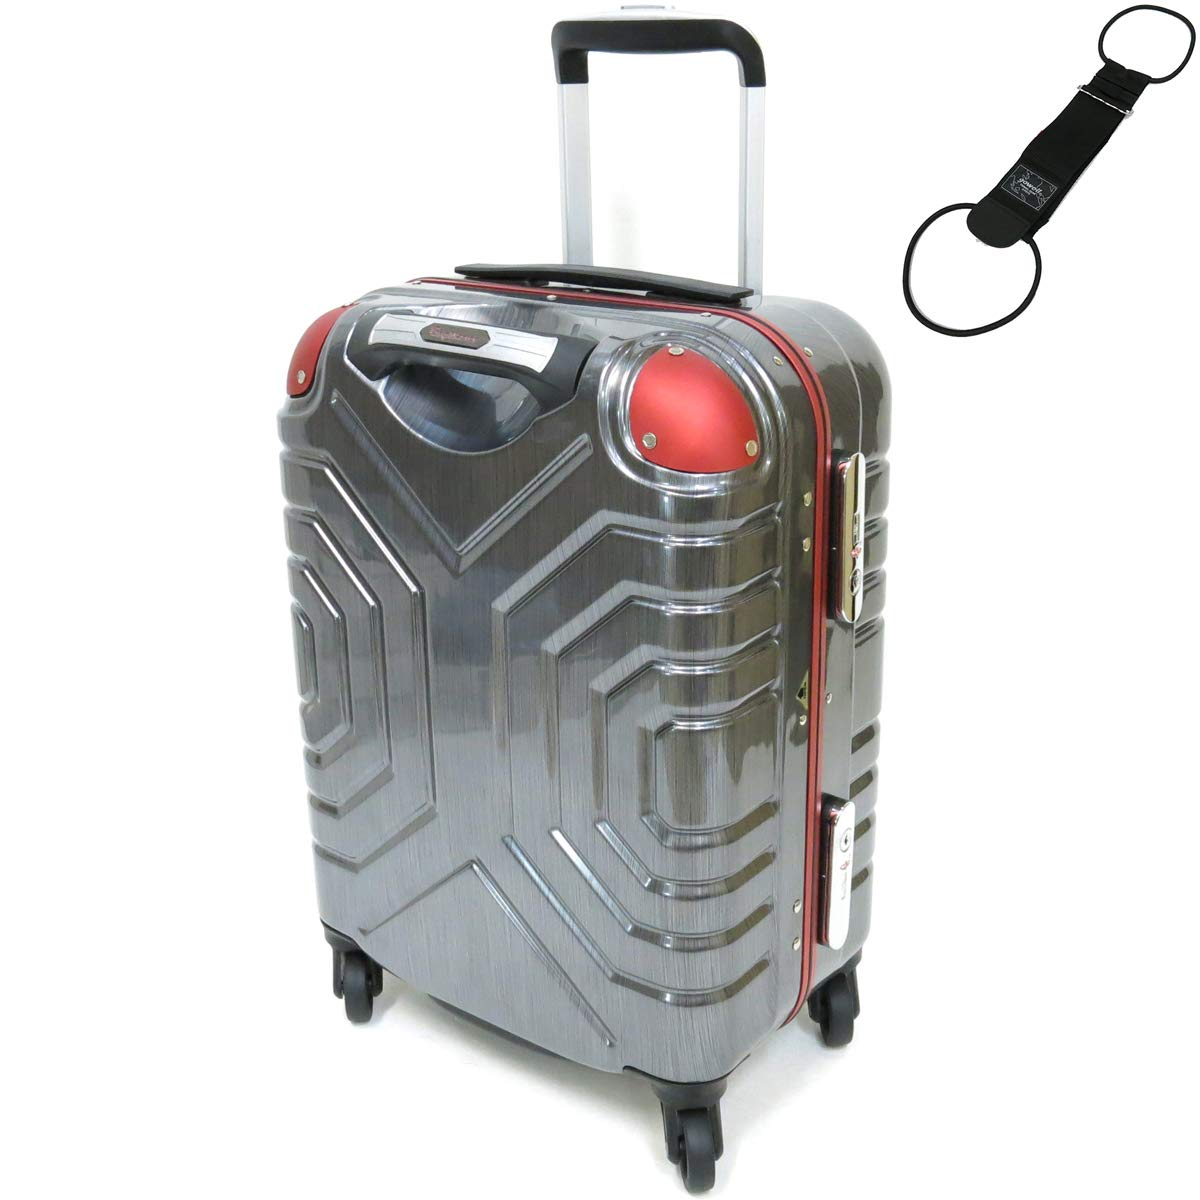 [セット品] (シフレ) Siffler ESCAPE'S GripMaster B5225T-44 シフレ 機内持込可能サイズ (ゴーウェル) GOWELL ゴーウェル バッグとめるベルト ブラック 【合計2点セット】 (ヘアラインブラック/レッド)   B076KQ5S87